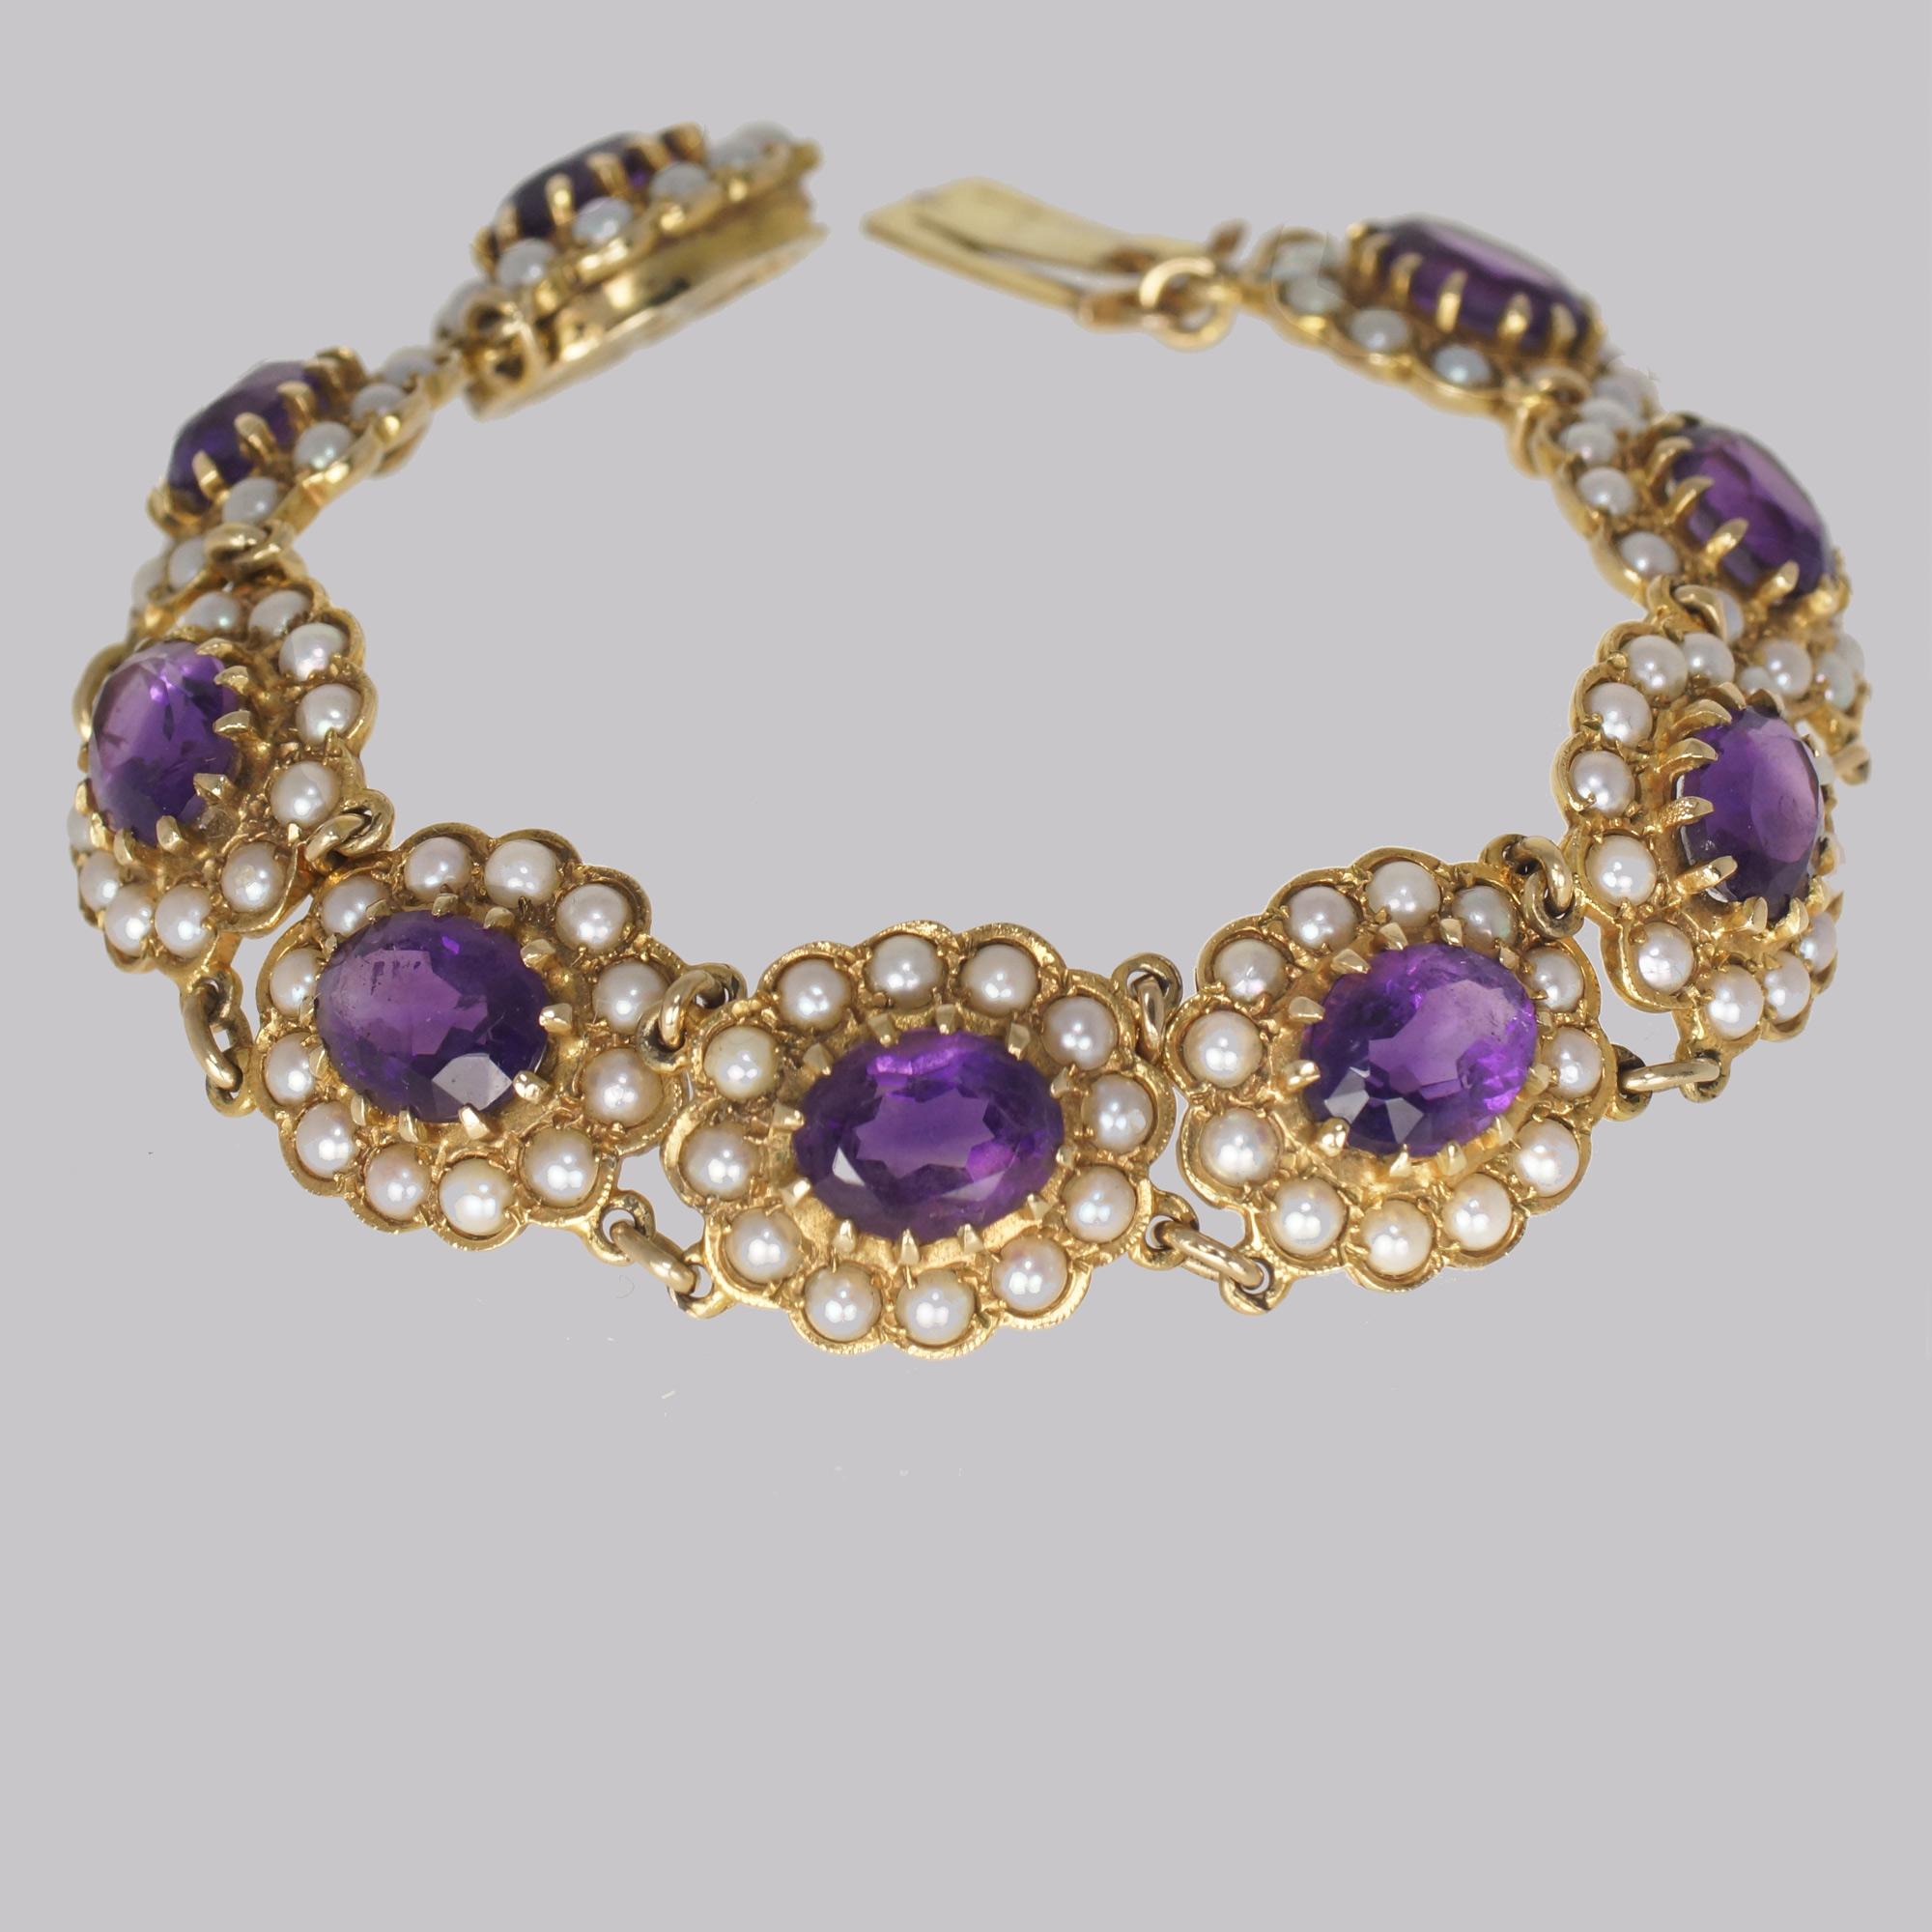 Fabulous antique bracelet